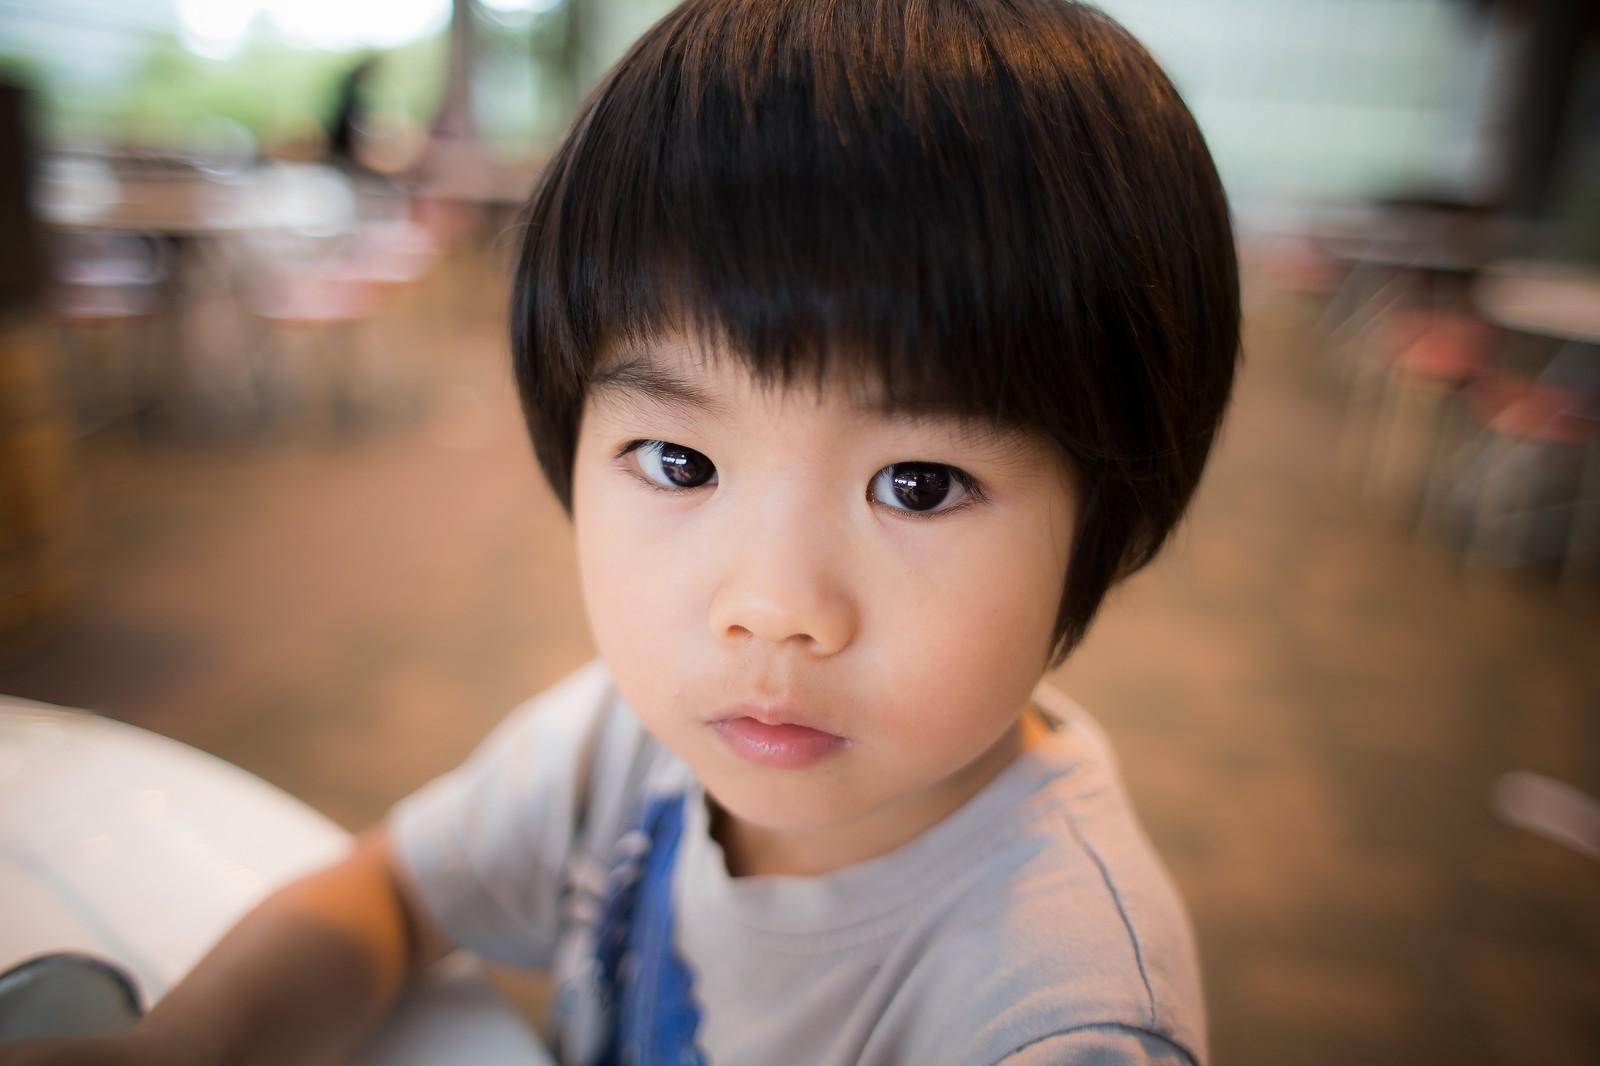 複雑な表情の子供